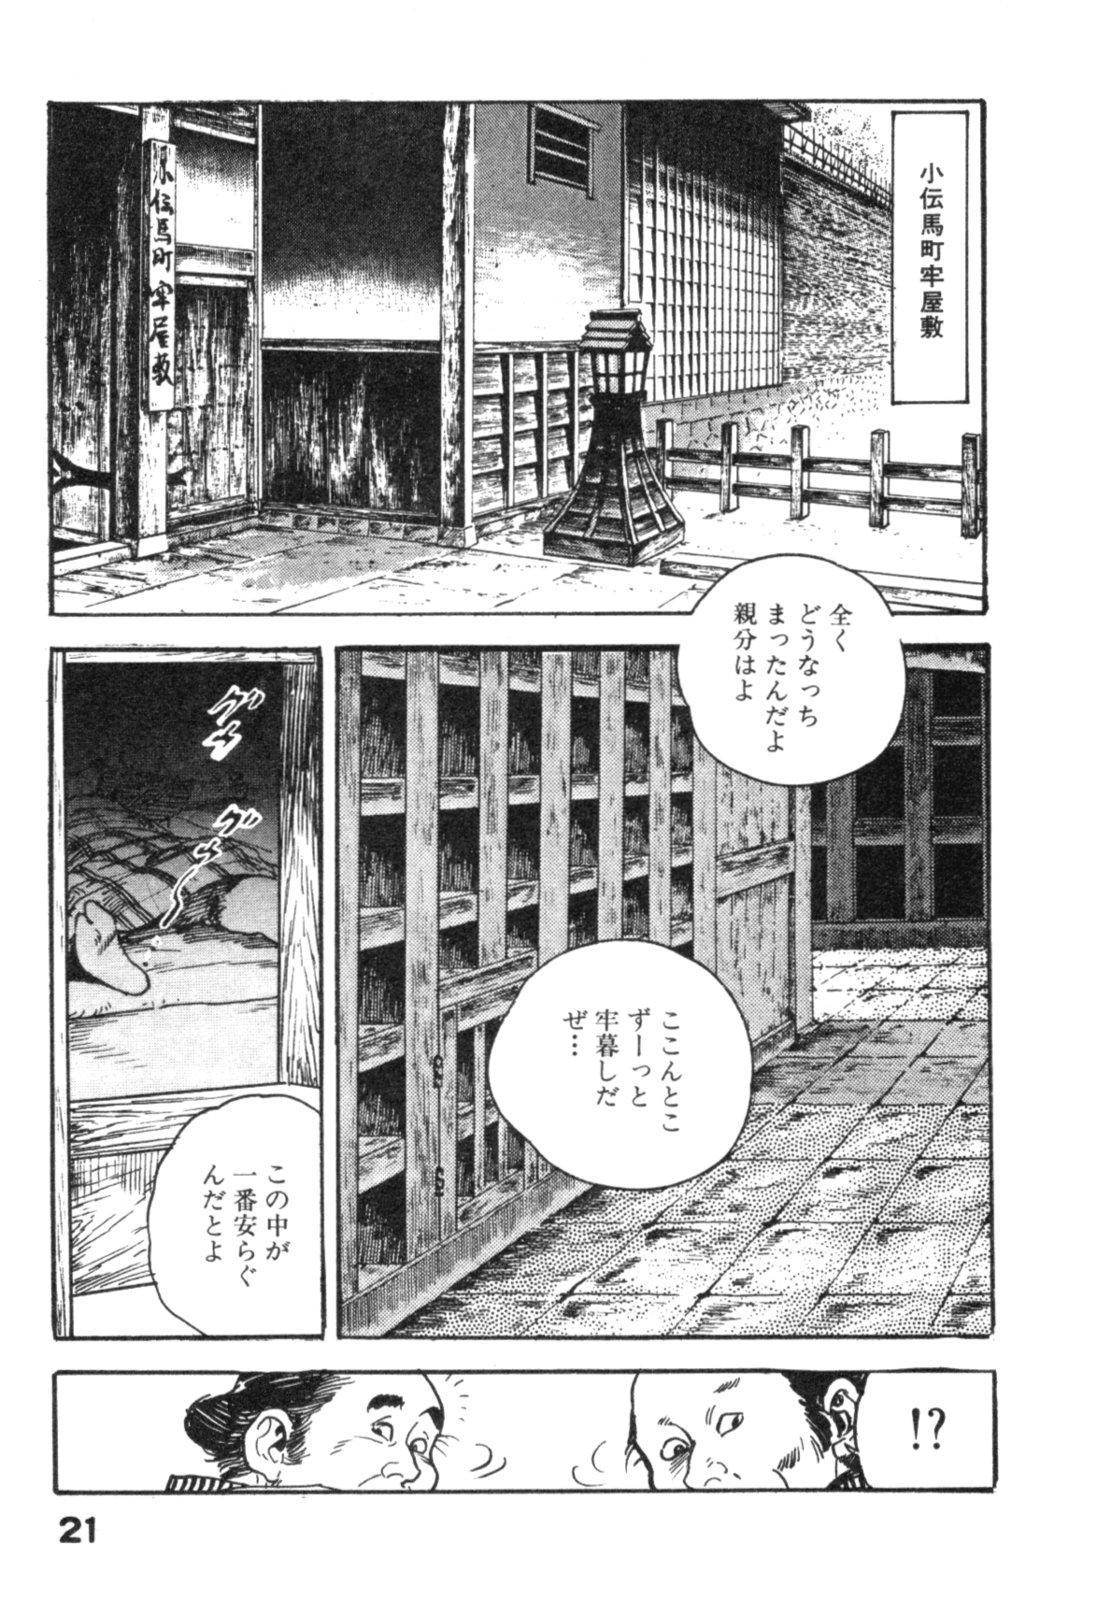 Jidaigeki Series 2 ~ Midare Kannon 23